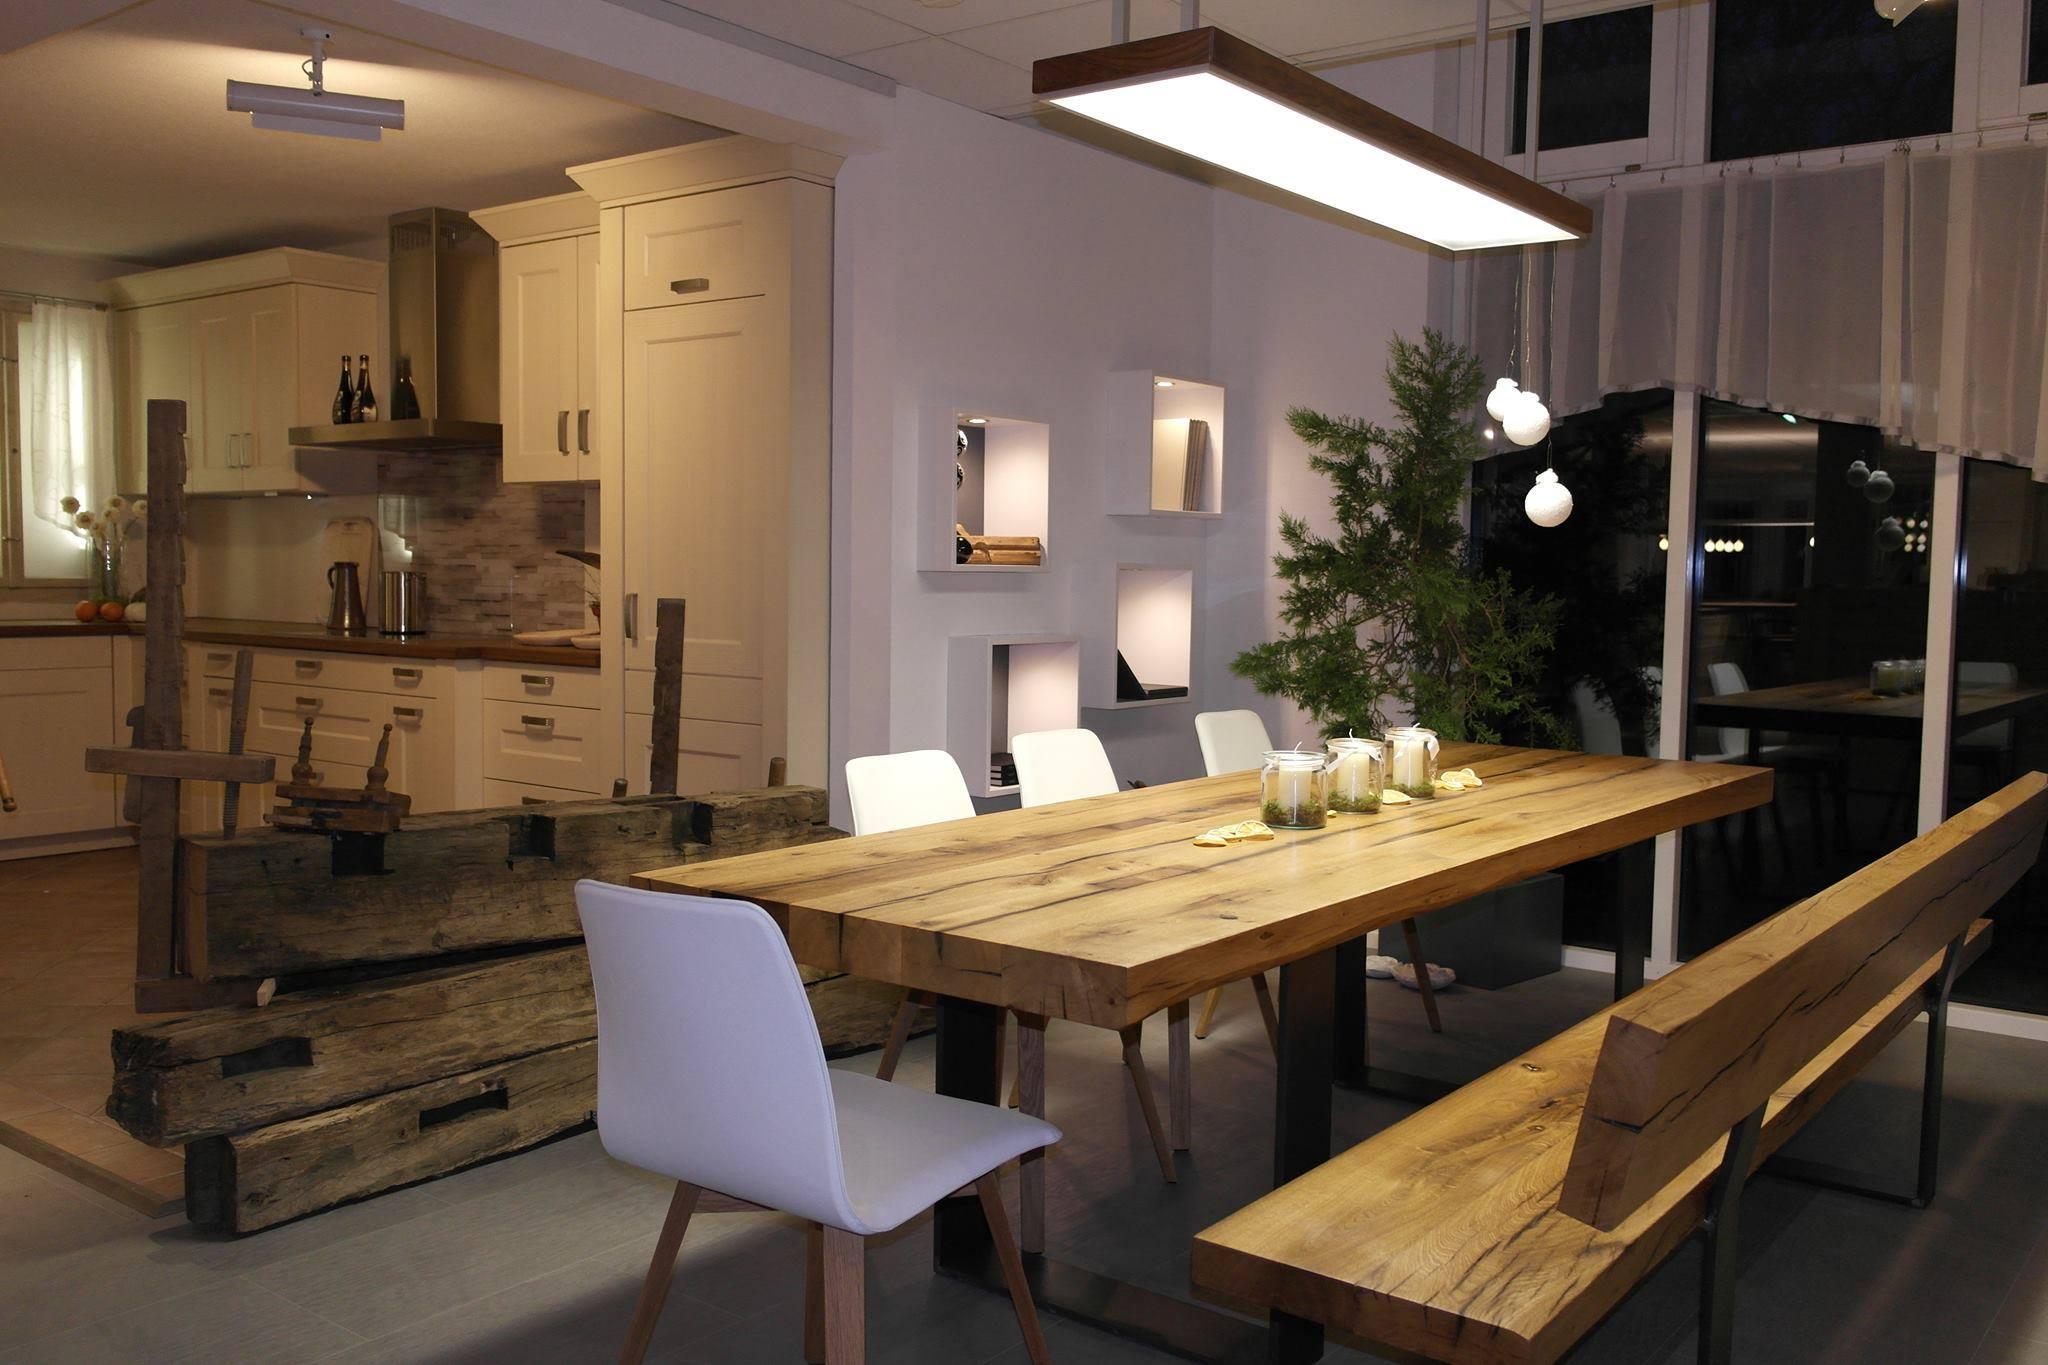 altholztisch und altholzbank aus historischen eichebalken einer ehemaligen scheune aus dem jahr. Black Bedroom Furniture Sets. Home Design Ideas